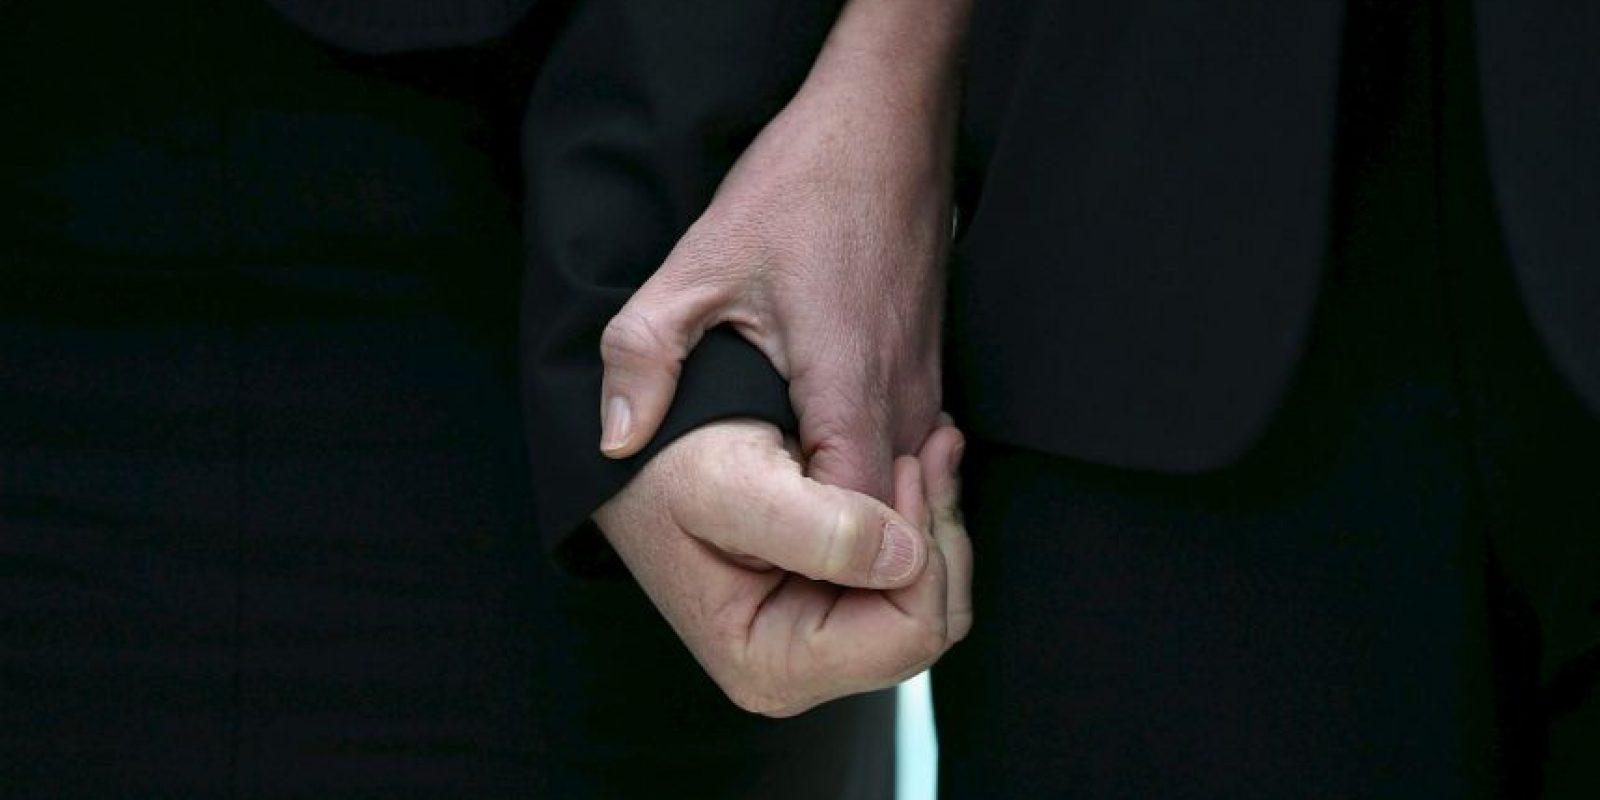 Las mayoría de las personas que fueron víctimas de infidelidad terminaron sus relaciones en el momento en que se enteraron de la traición Foto:Getty Images